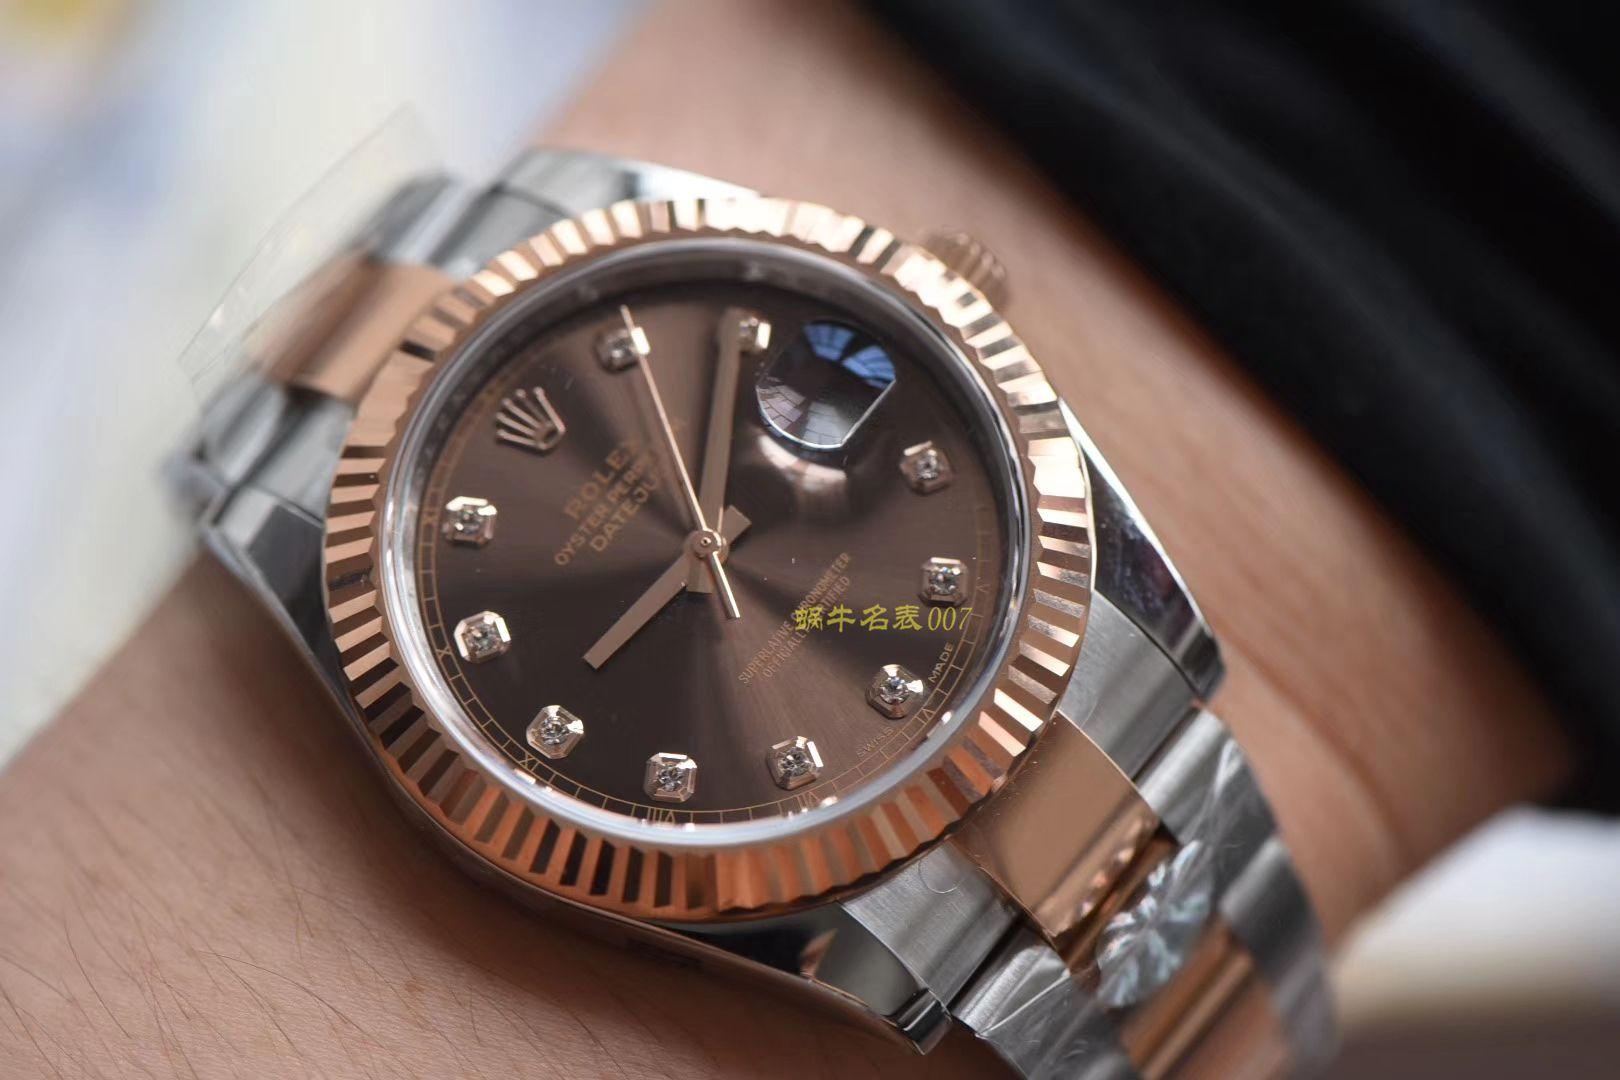 劳力士日志型系列m126331-0003腕表【AR一比一精仿手表】